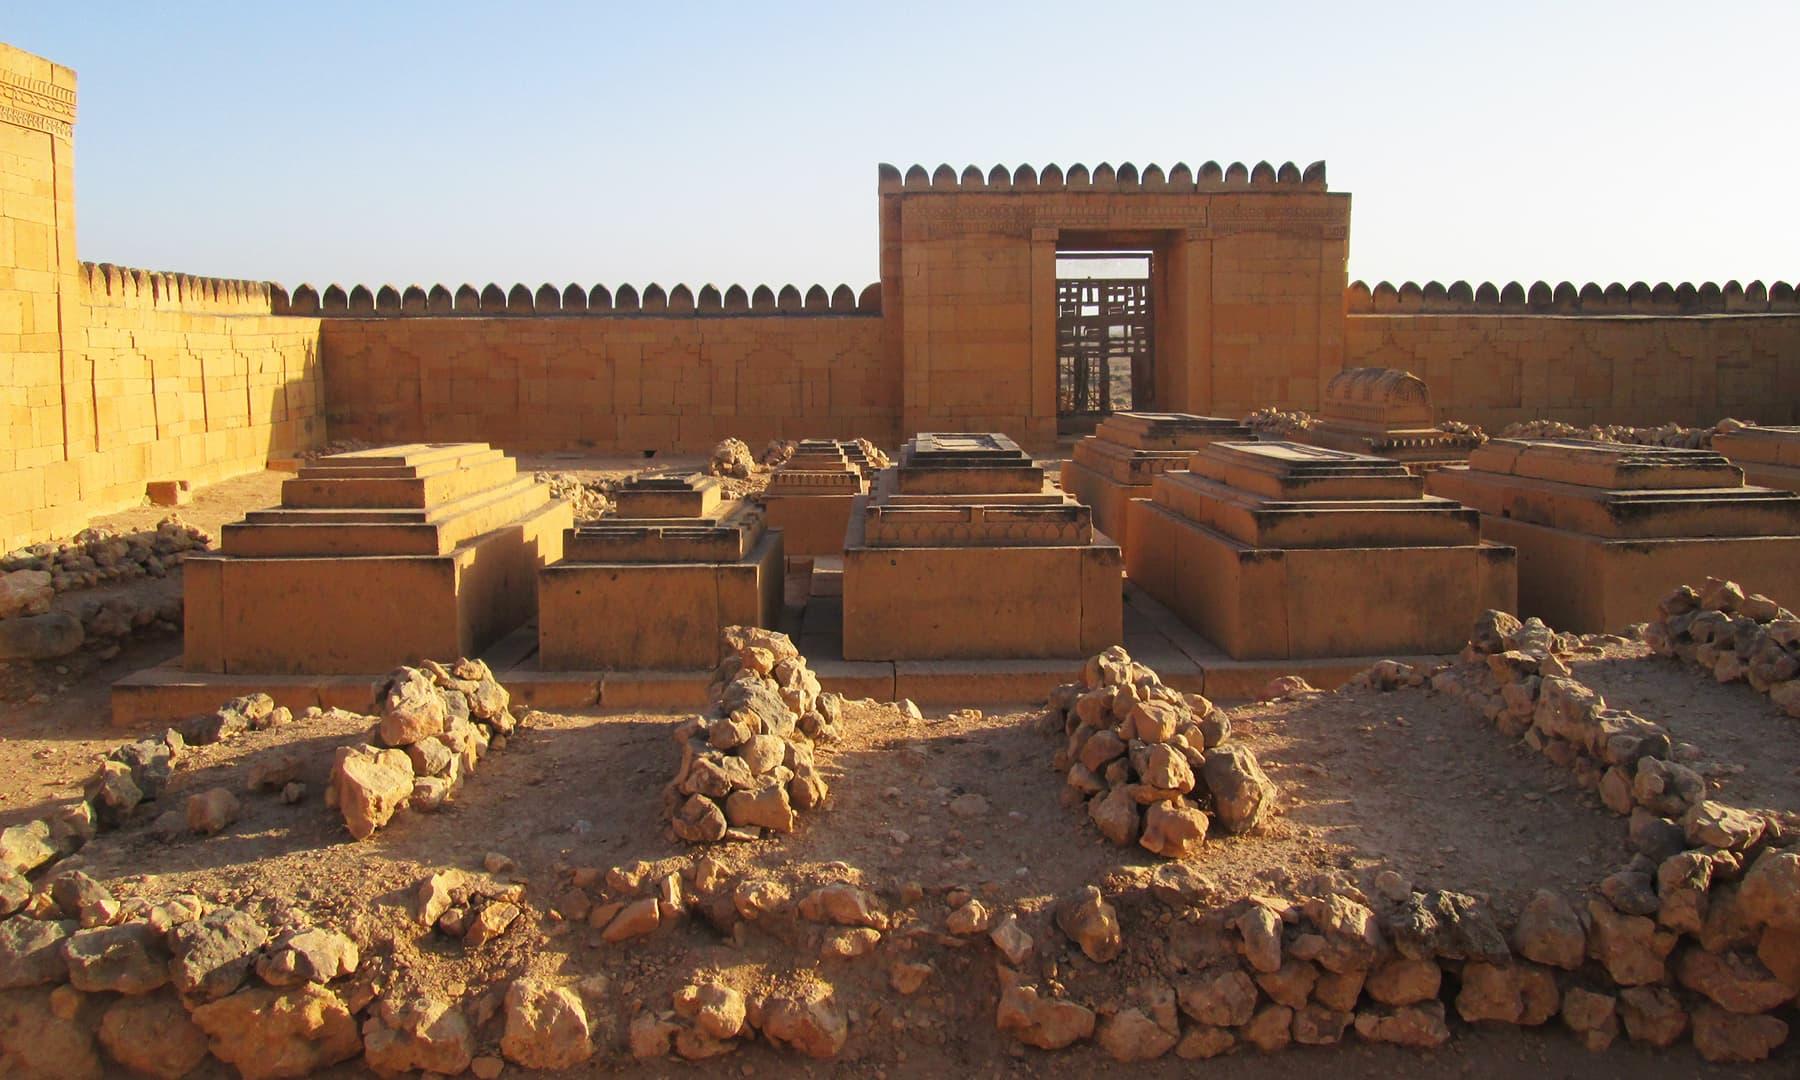 مقبرے کی چار دیواری کے اندر موجود دیگر قبریں— تصویر ابوبکر شیخ